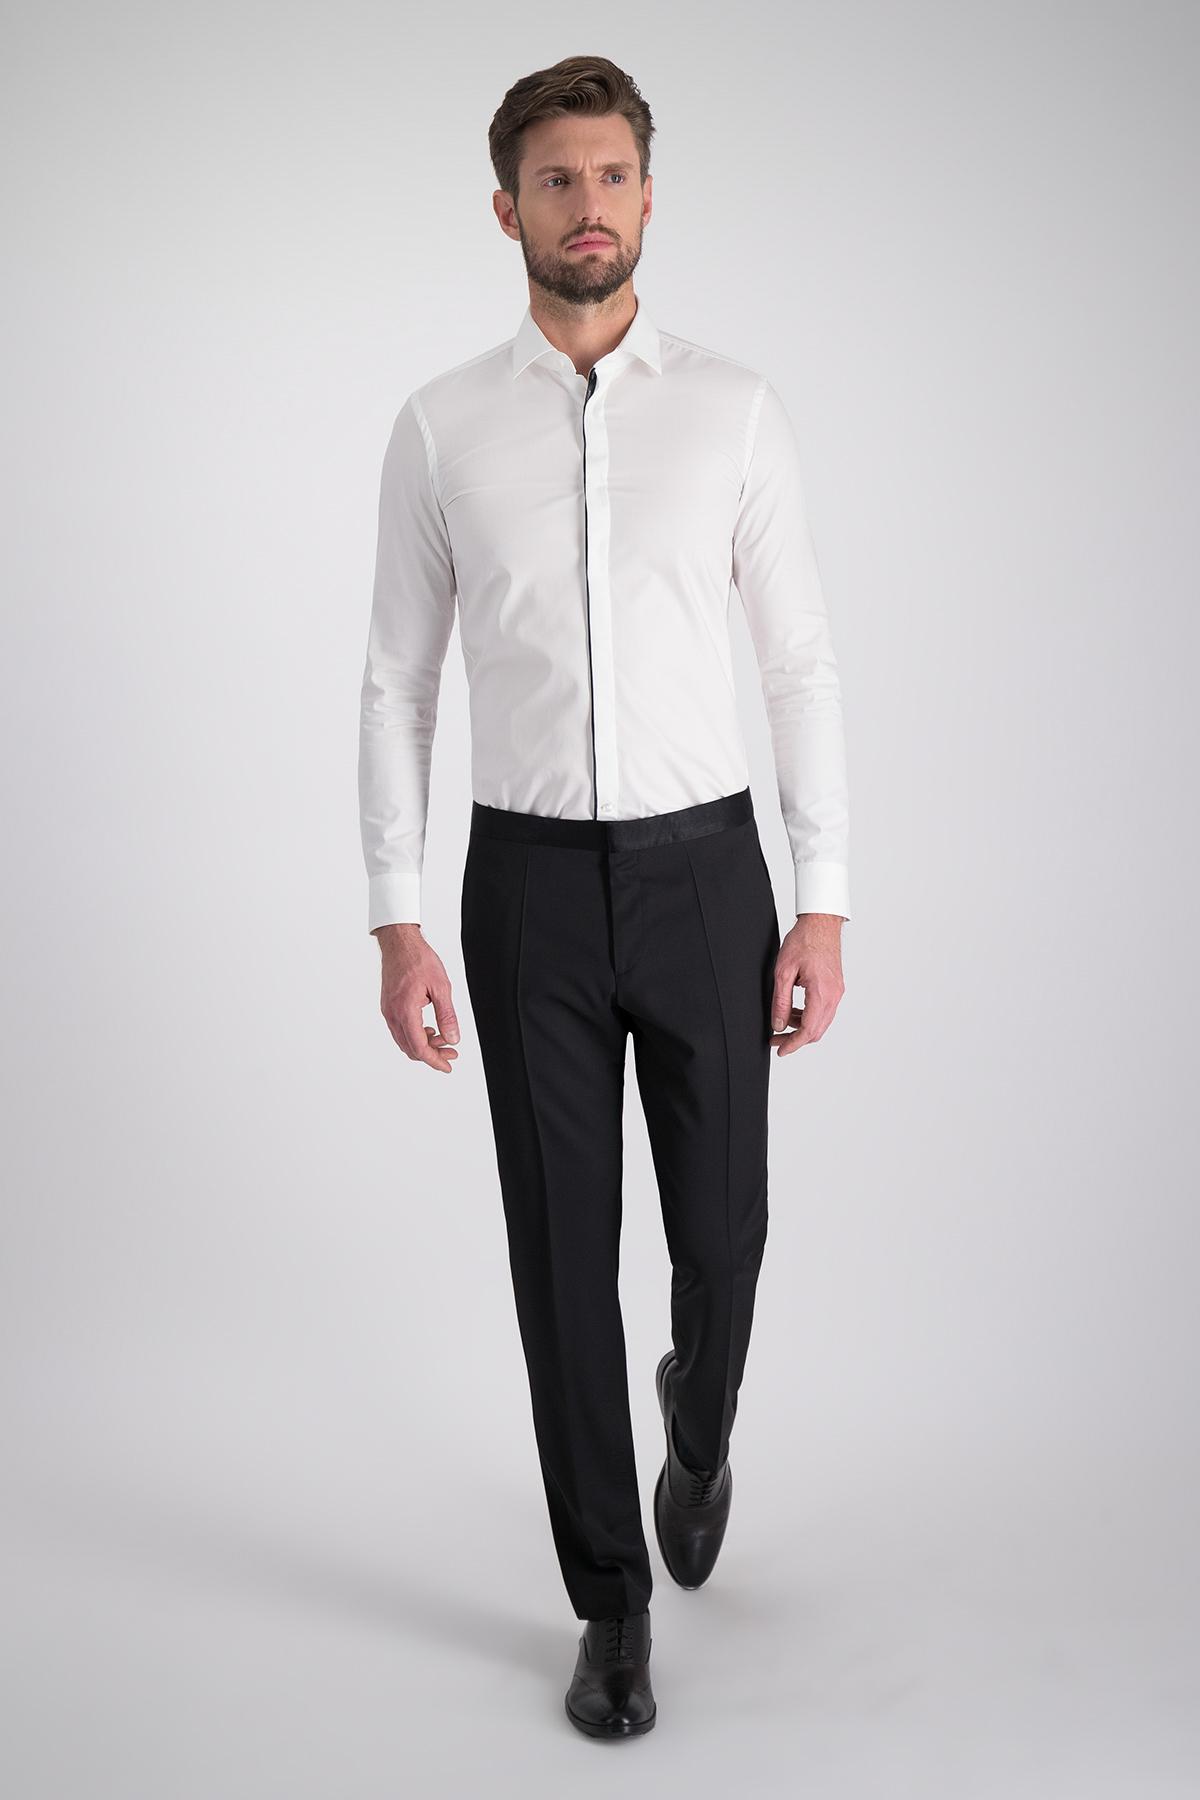 Pantalón Separate BOSS formal slim fit